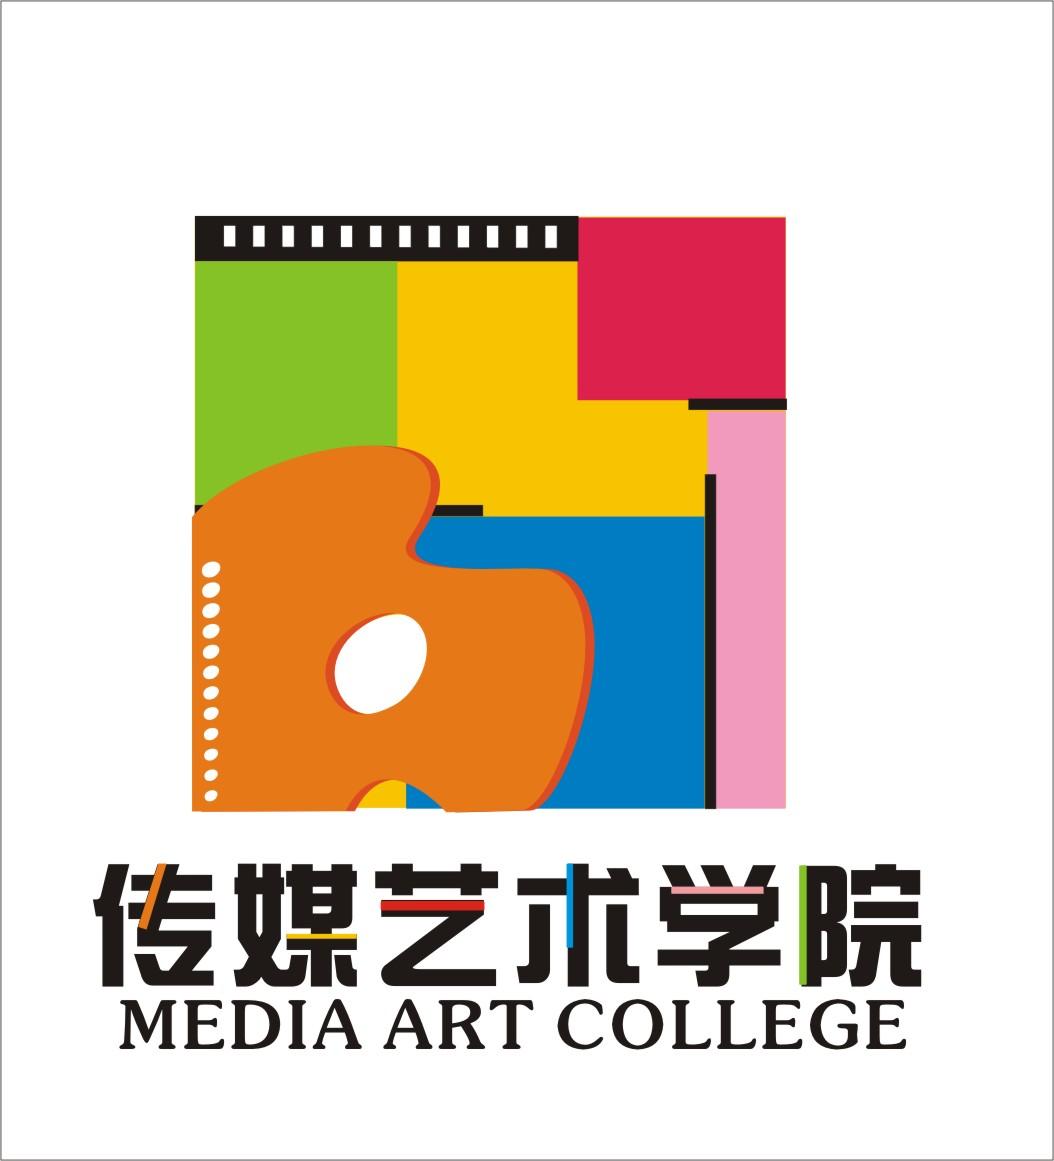 设计内容:logo、名片设计 、信封、录取通知书 1、背景资料 传媒艺术学院的logo 传媒艺术学院为北京财经专修学院的下设二级学院 2、最好能将二者很好的融合再一起 3、要突出传媒艺术学院 艺术感觉要强 4、简洁大方  【客户联系方式】 见二楼 【重要说明】